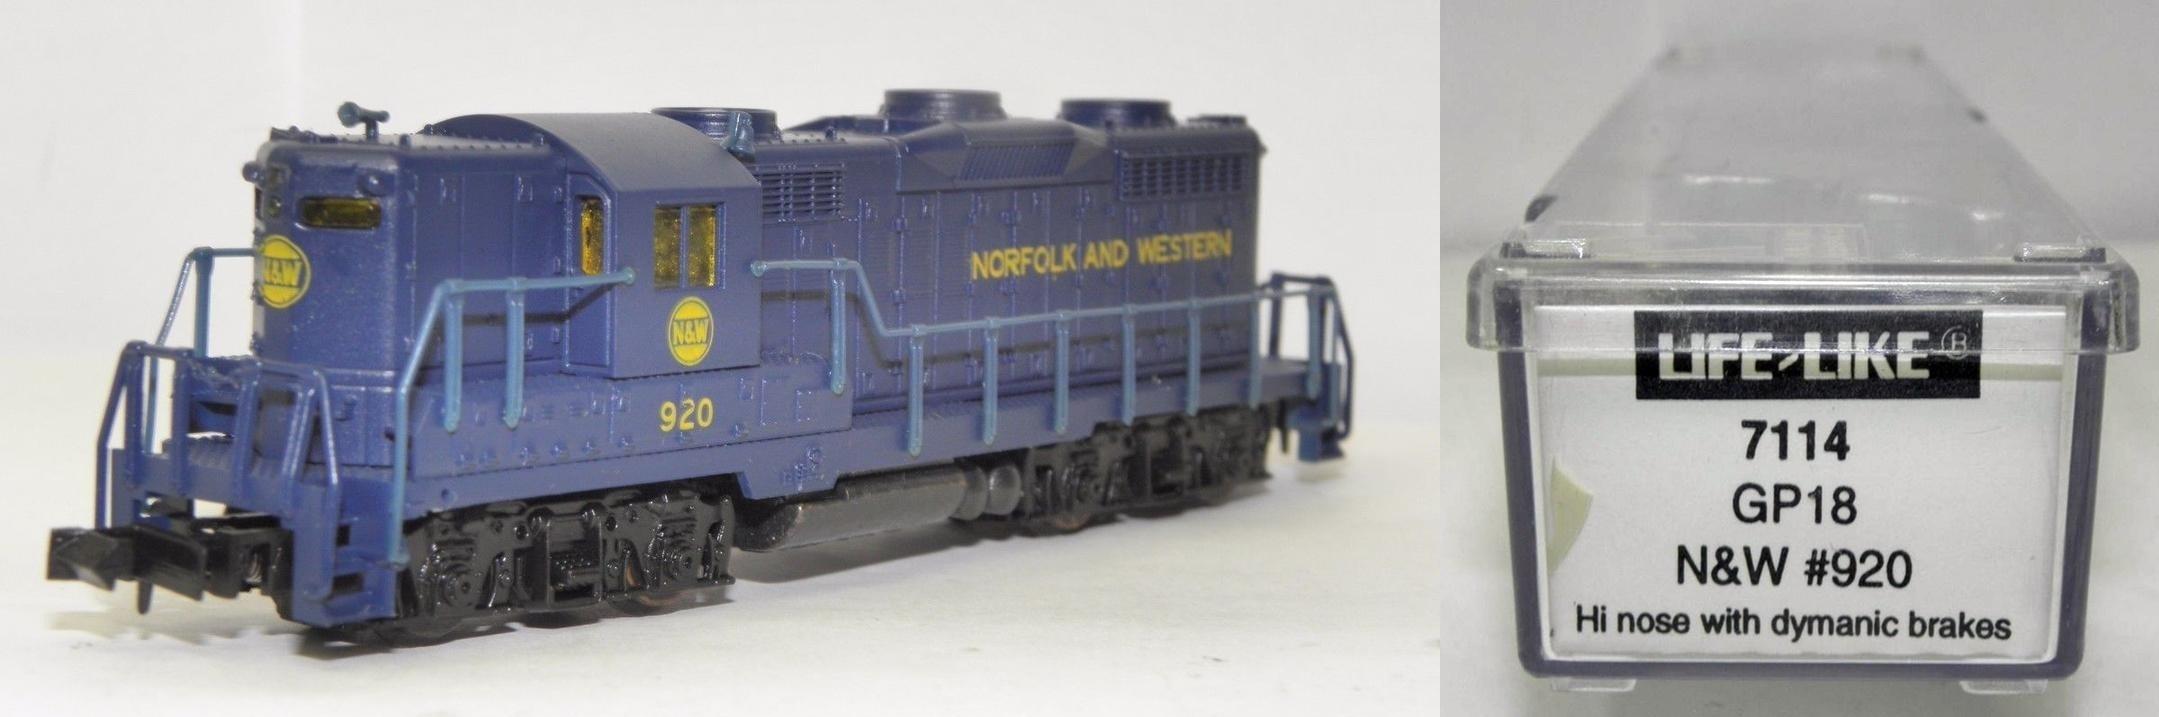 N Scale - Life-Like - 7114 - Locomotive, Diesel, EMD GP18 - Norfolk & Western - 920